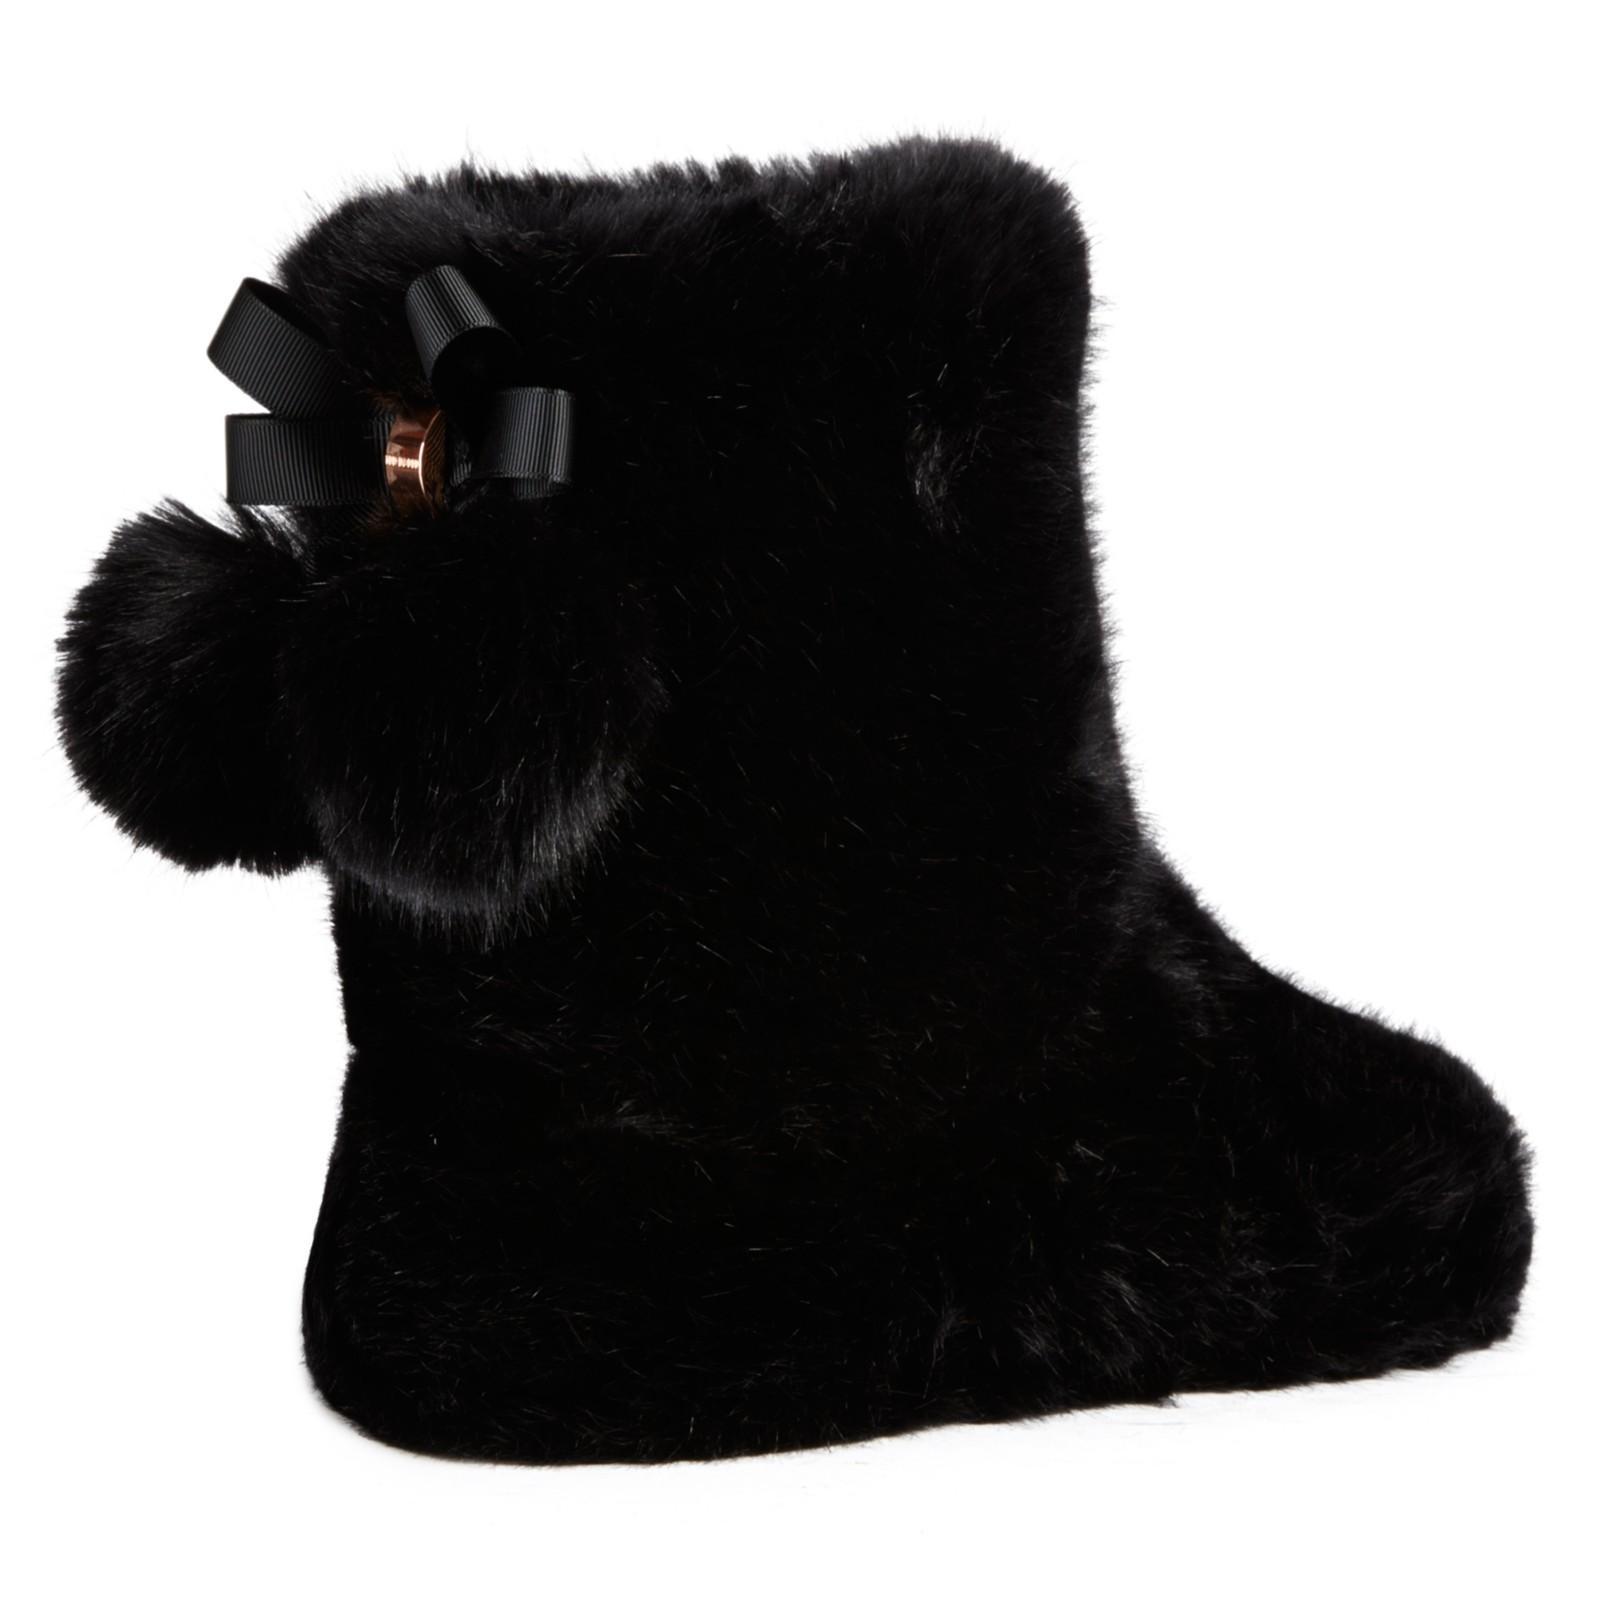 Ted Baker Hamond Boot Slippers in Black